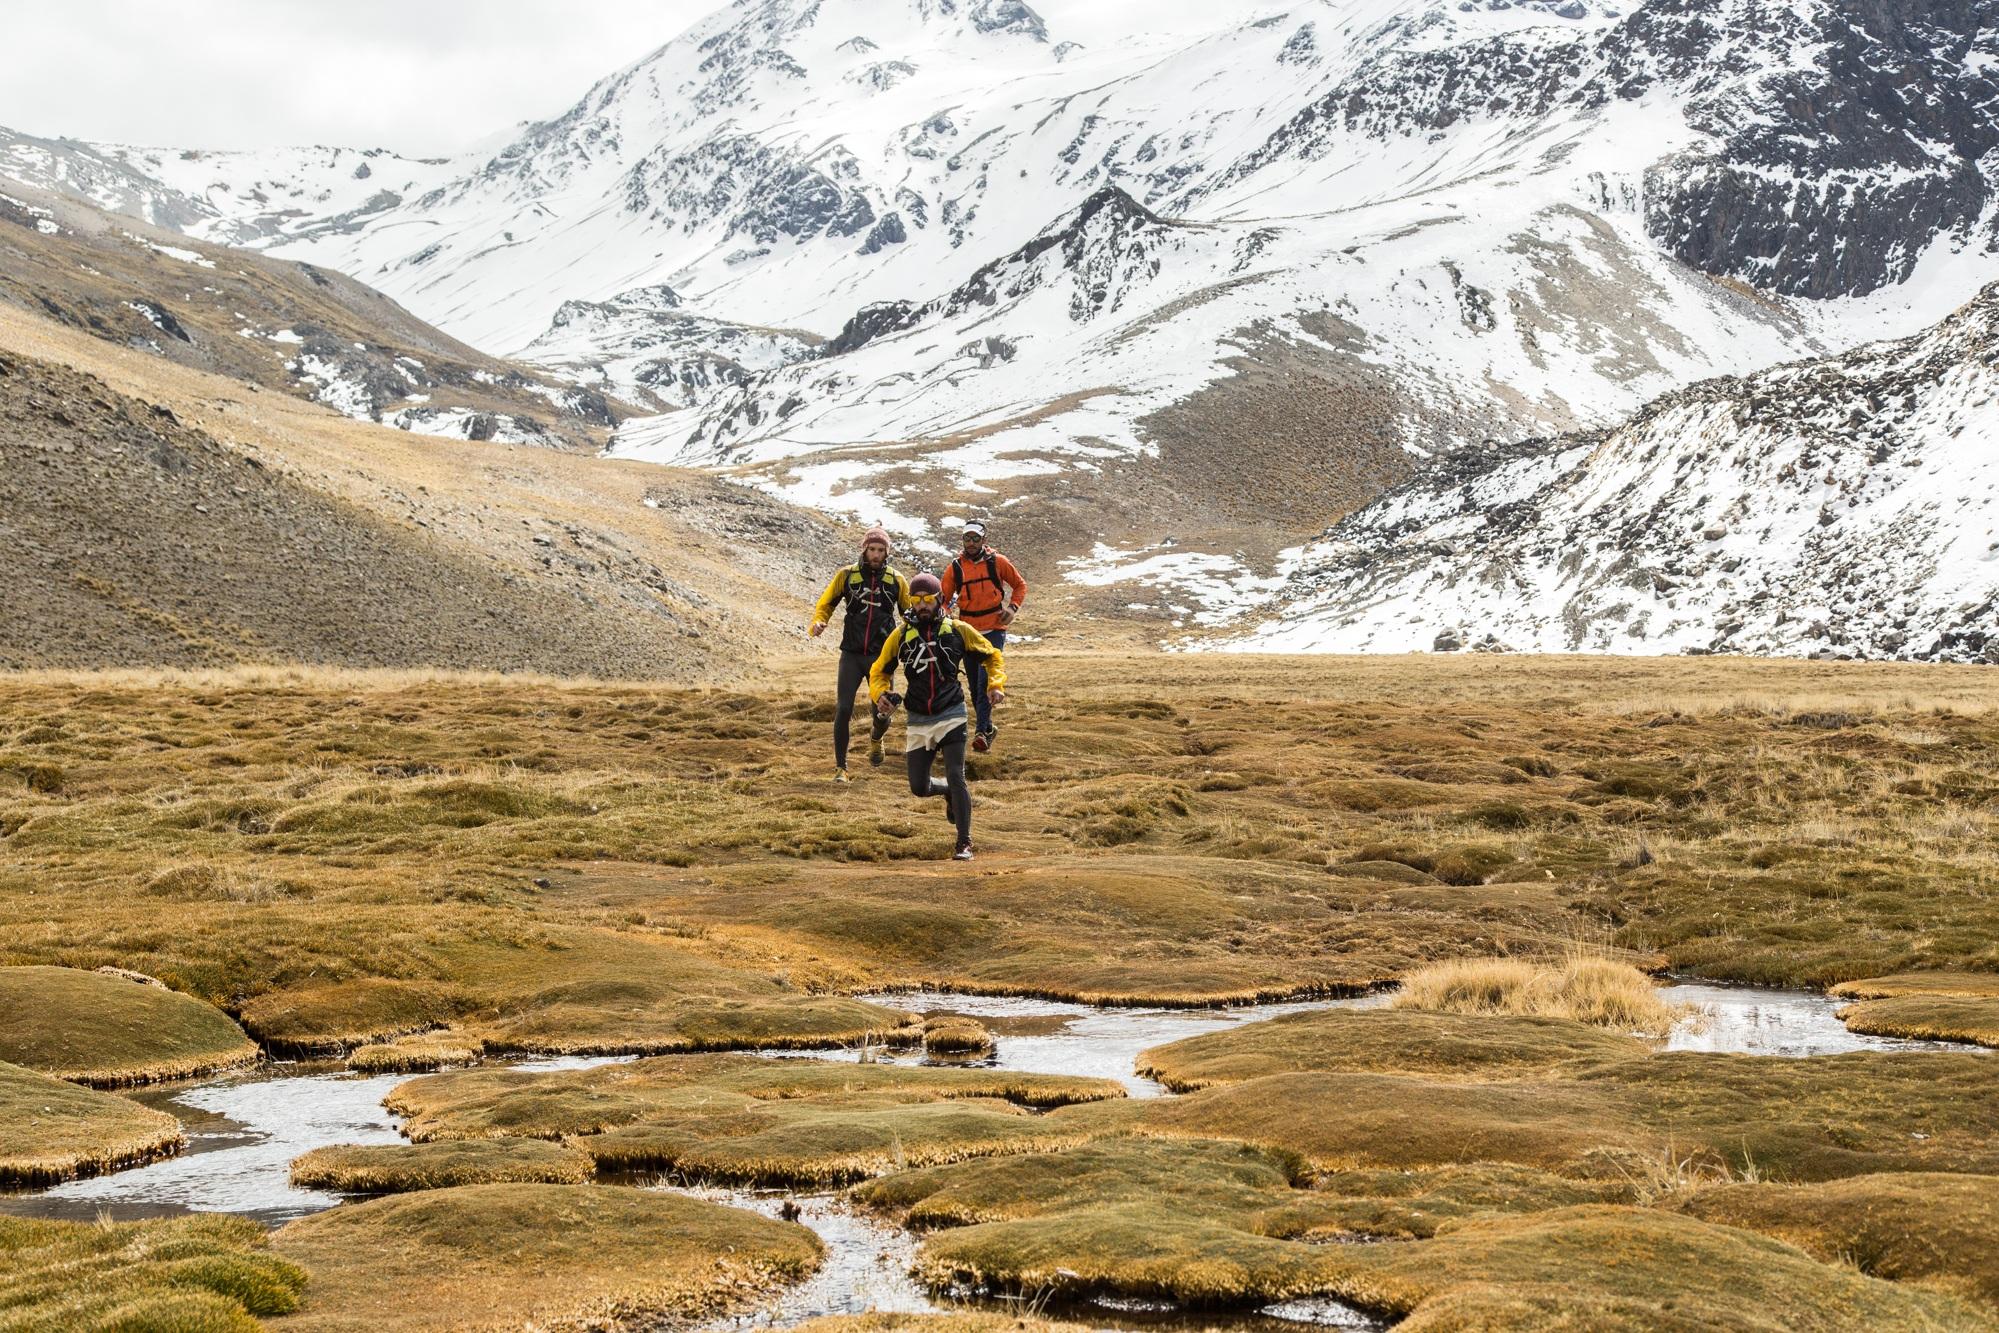 Altiplano Boliviano - Jul 3rd - 9th, 2019